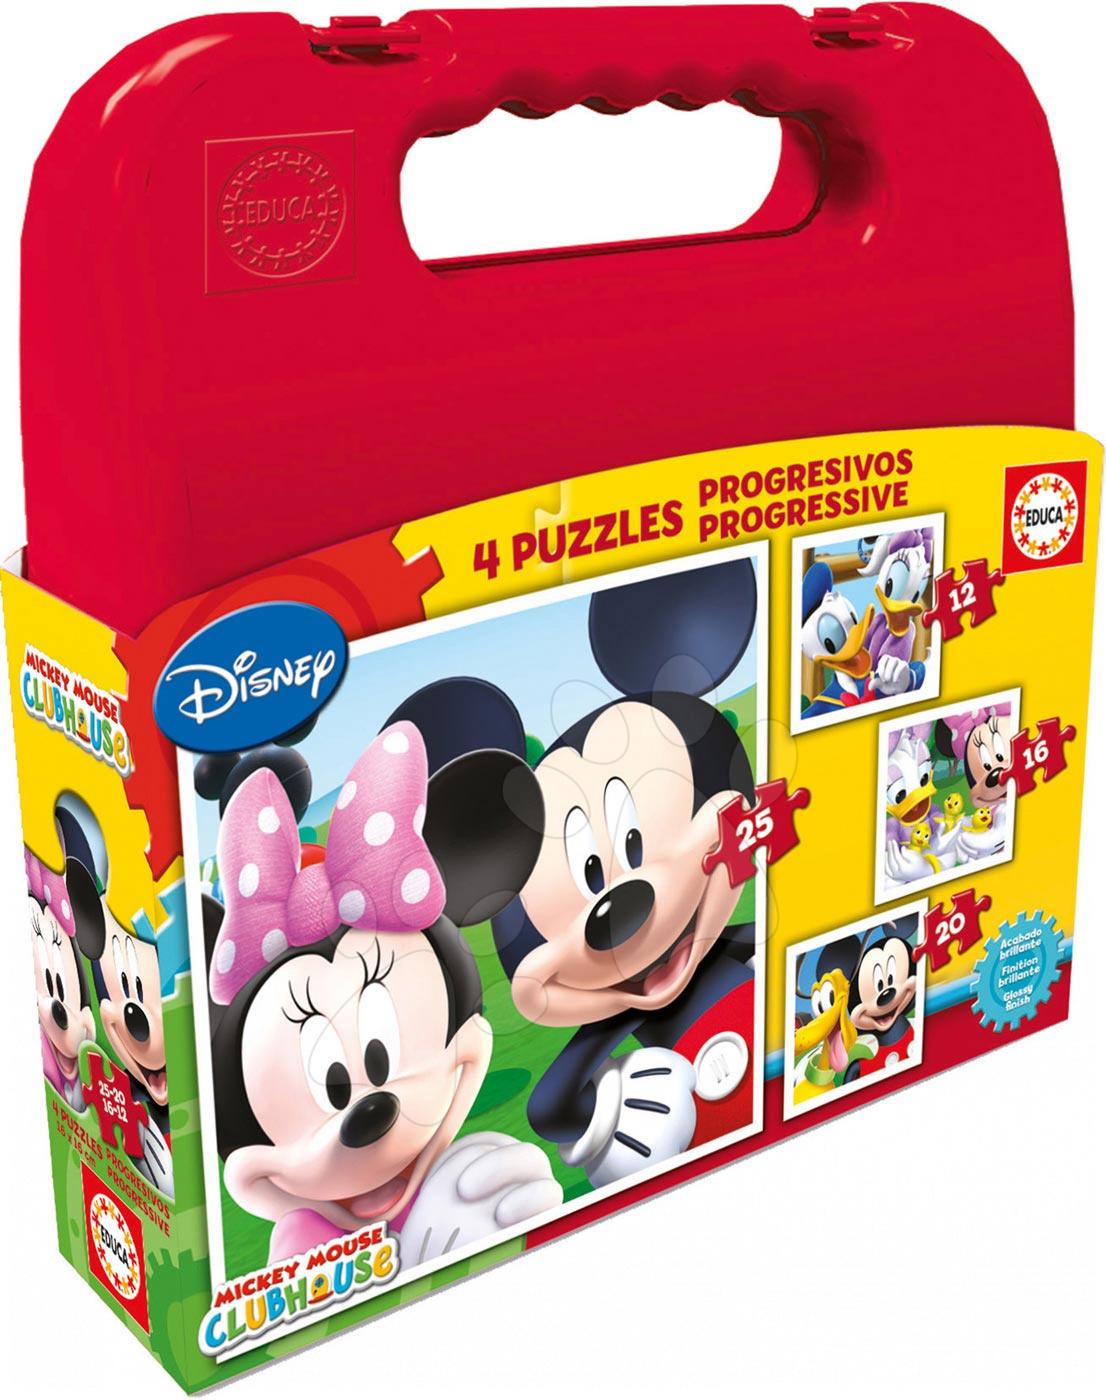 Puzzle Mickey Mouse v kufříku Educa progresivní 25-20-16-12 dílů od 24 měsíců